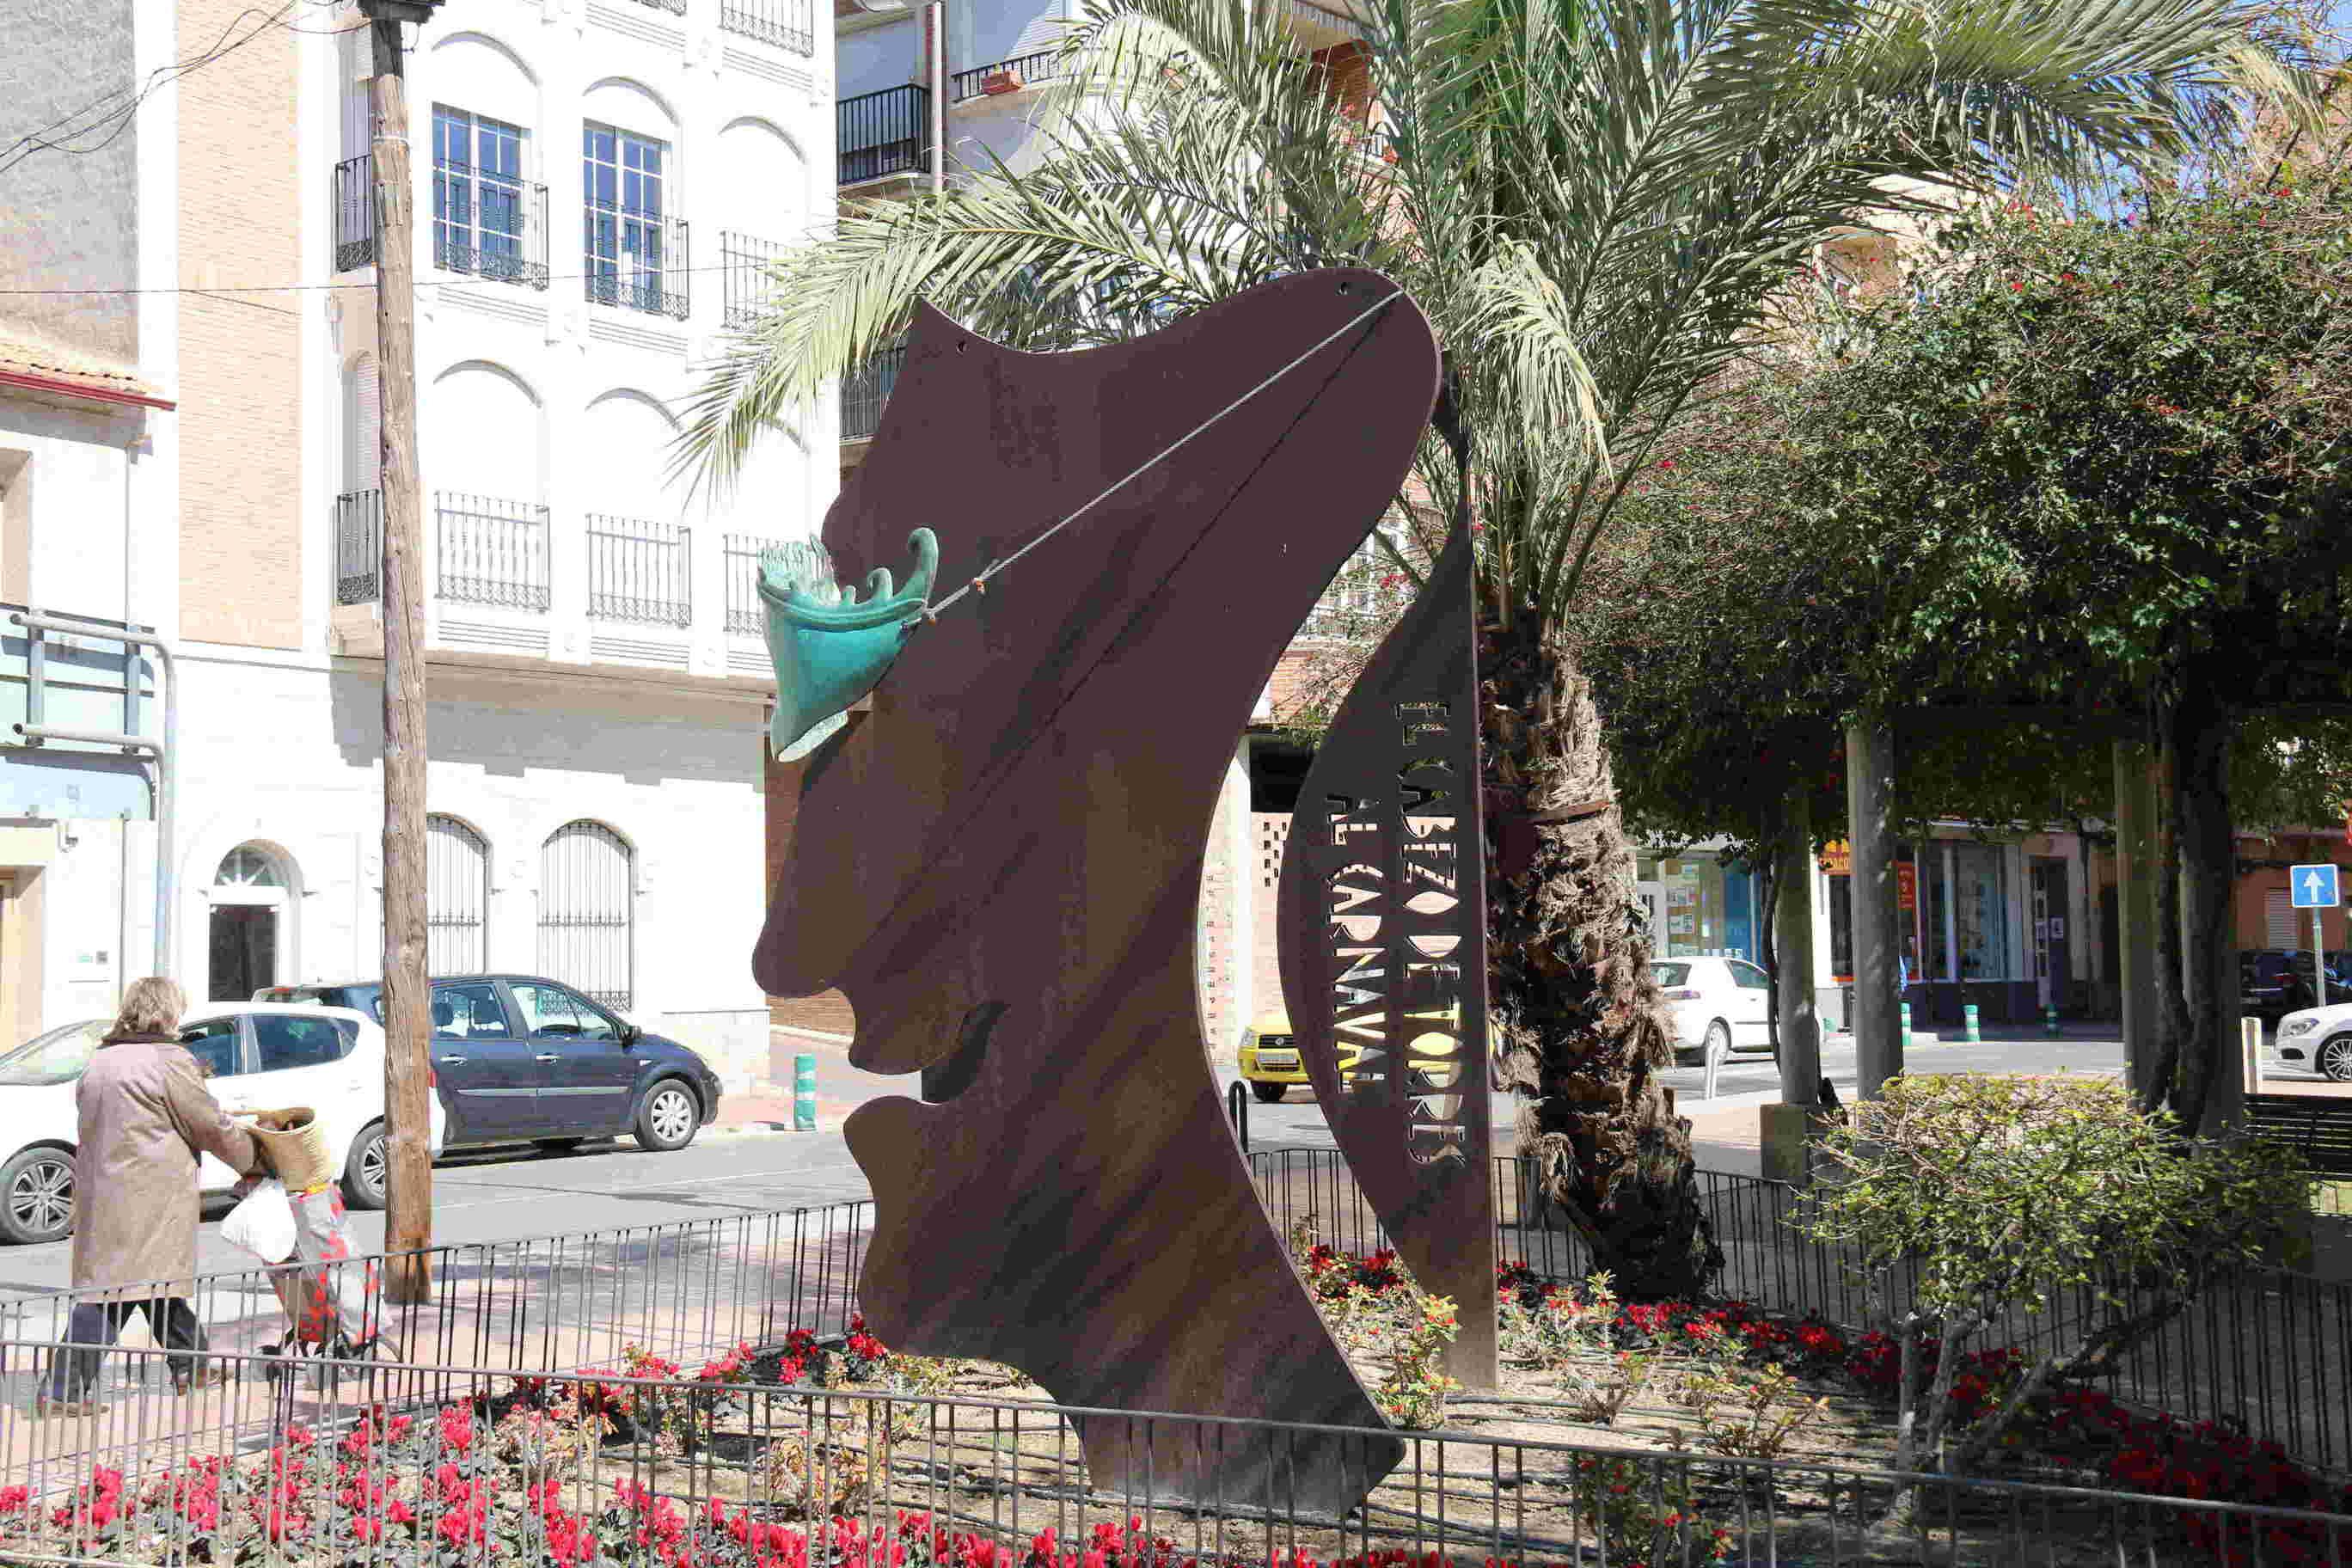 Jardin de la Constitución Cabezo de Torres